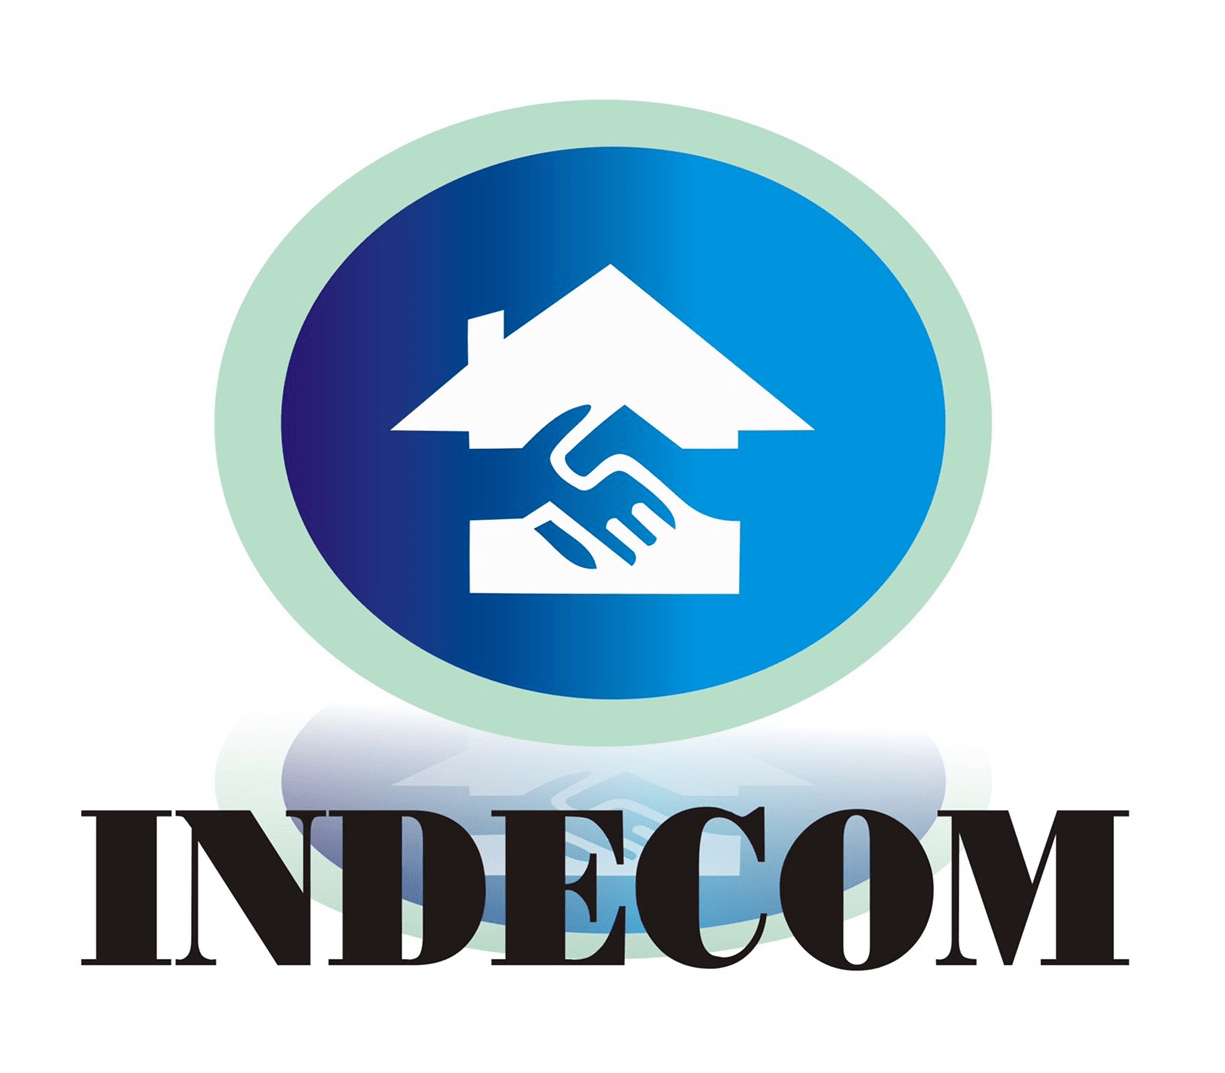 indecom.com.vn